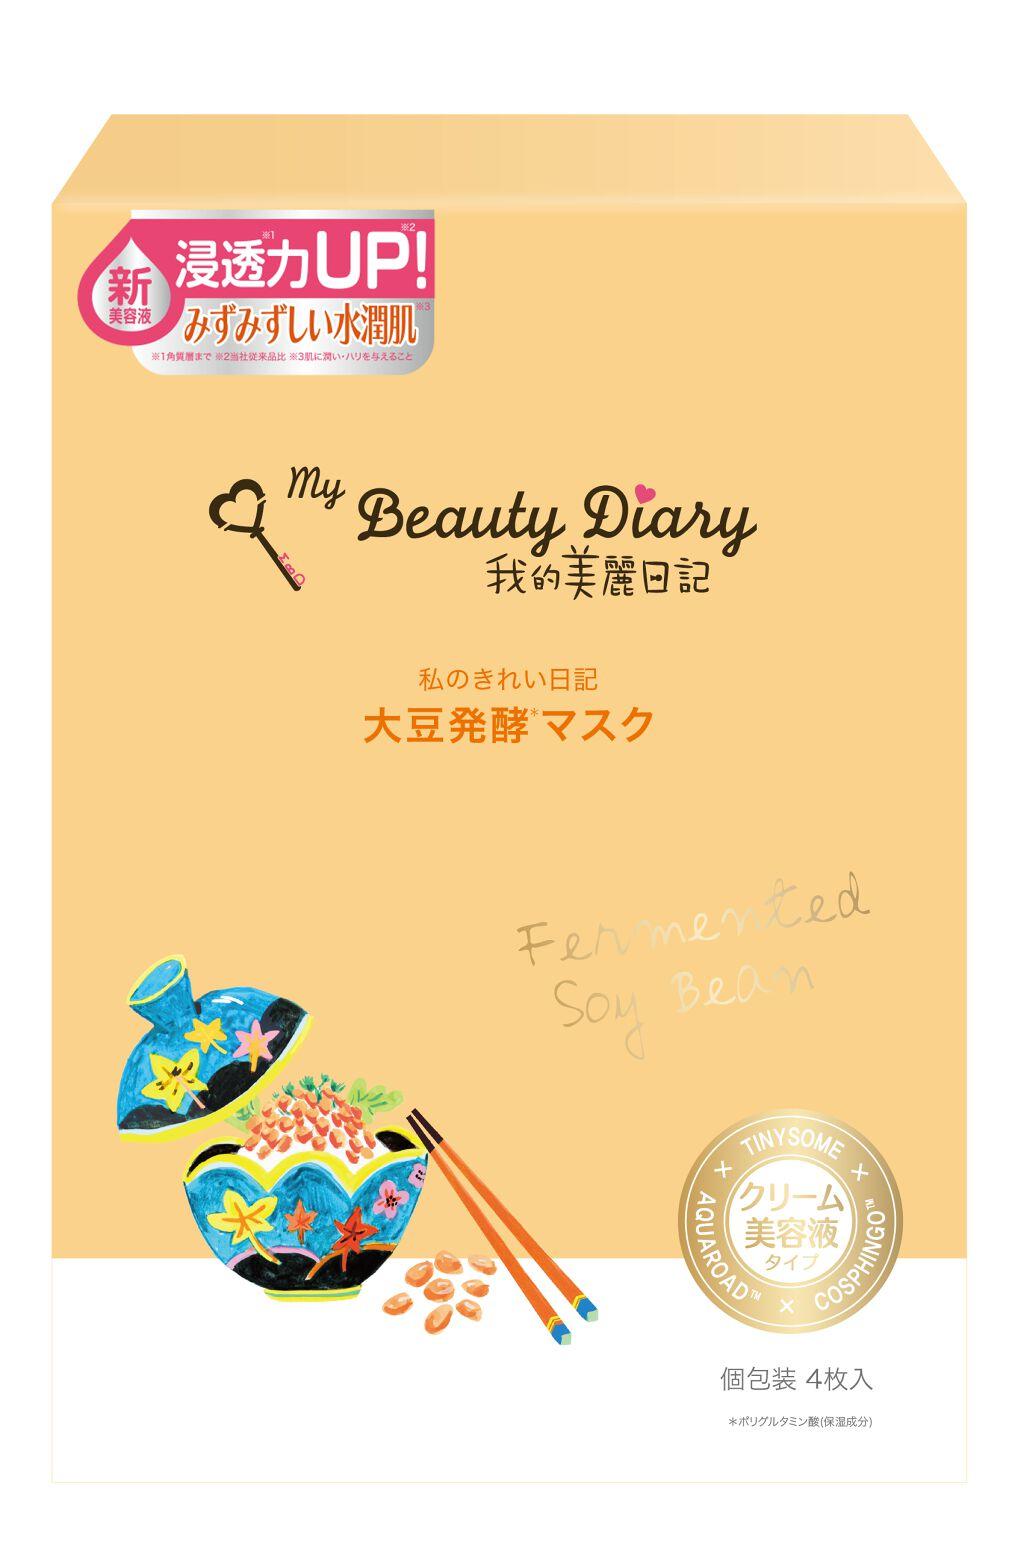 我的美麗日記(私のきれい日記)大豆発酵マスク 我的美麗日記